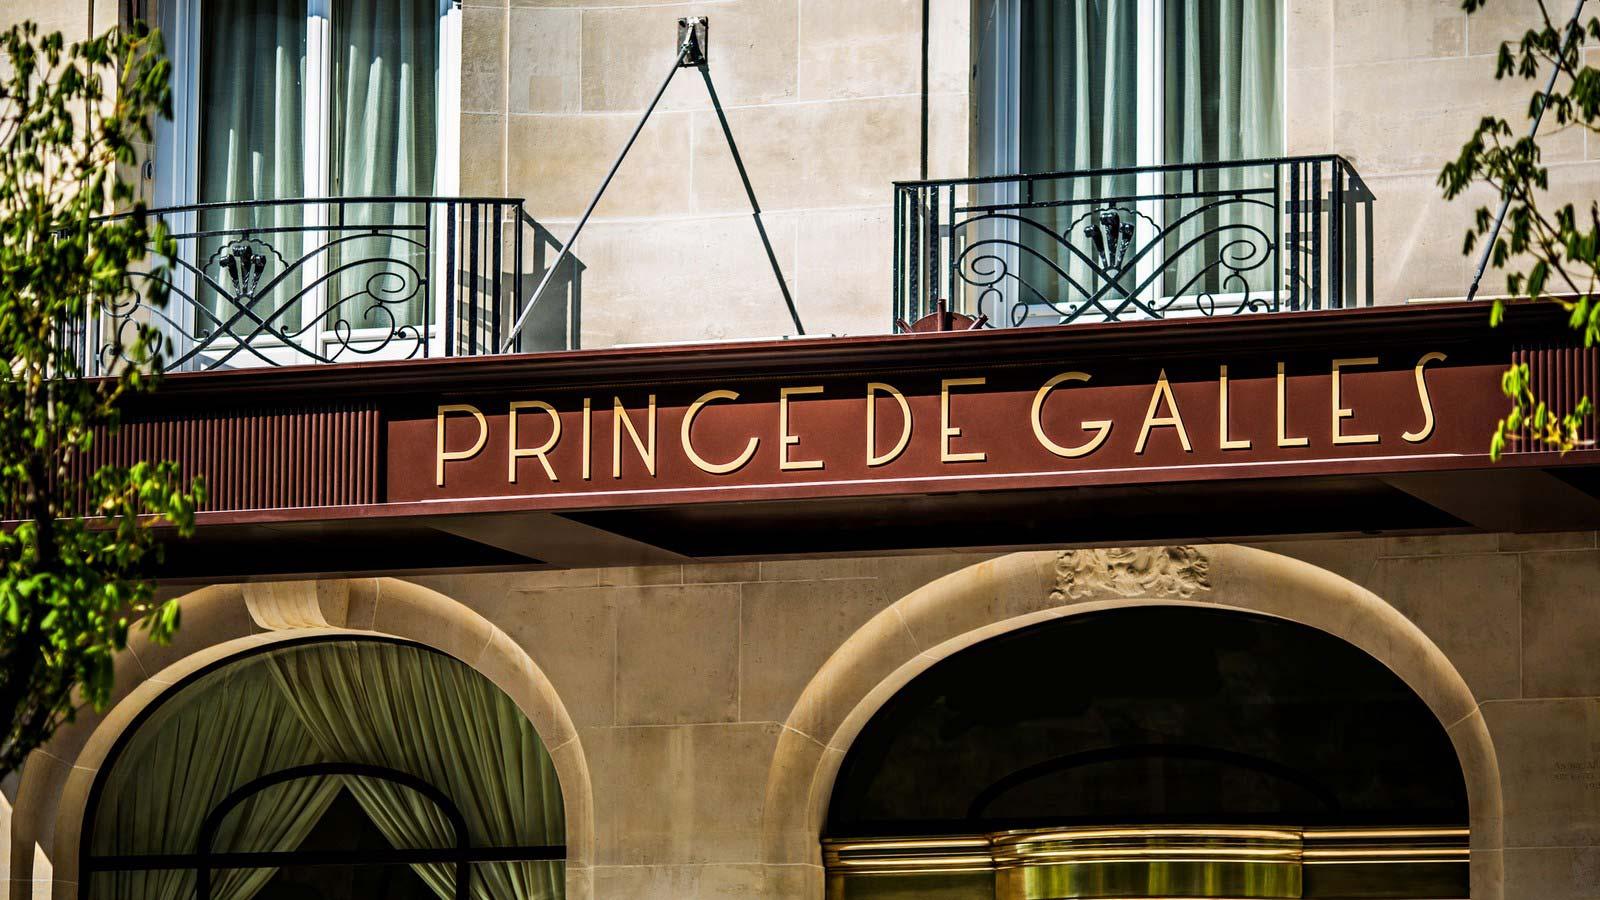 prince-de-galles-joue-puzzle-pour-noel-hotel